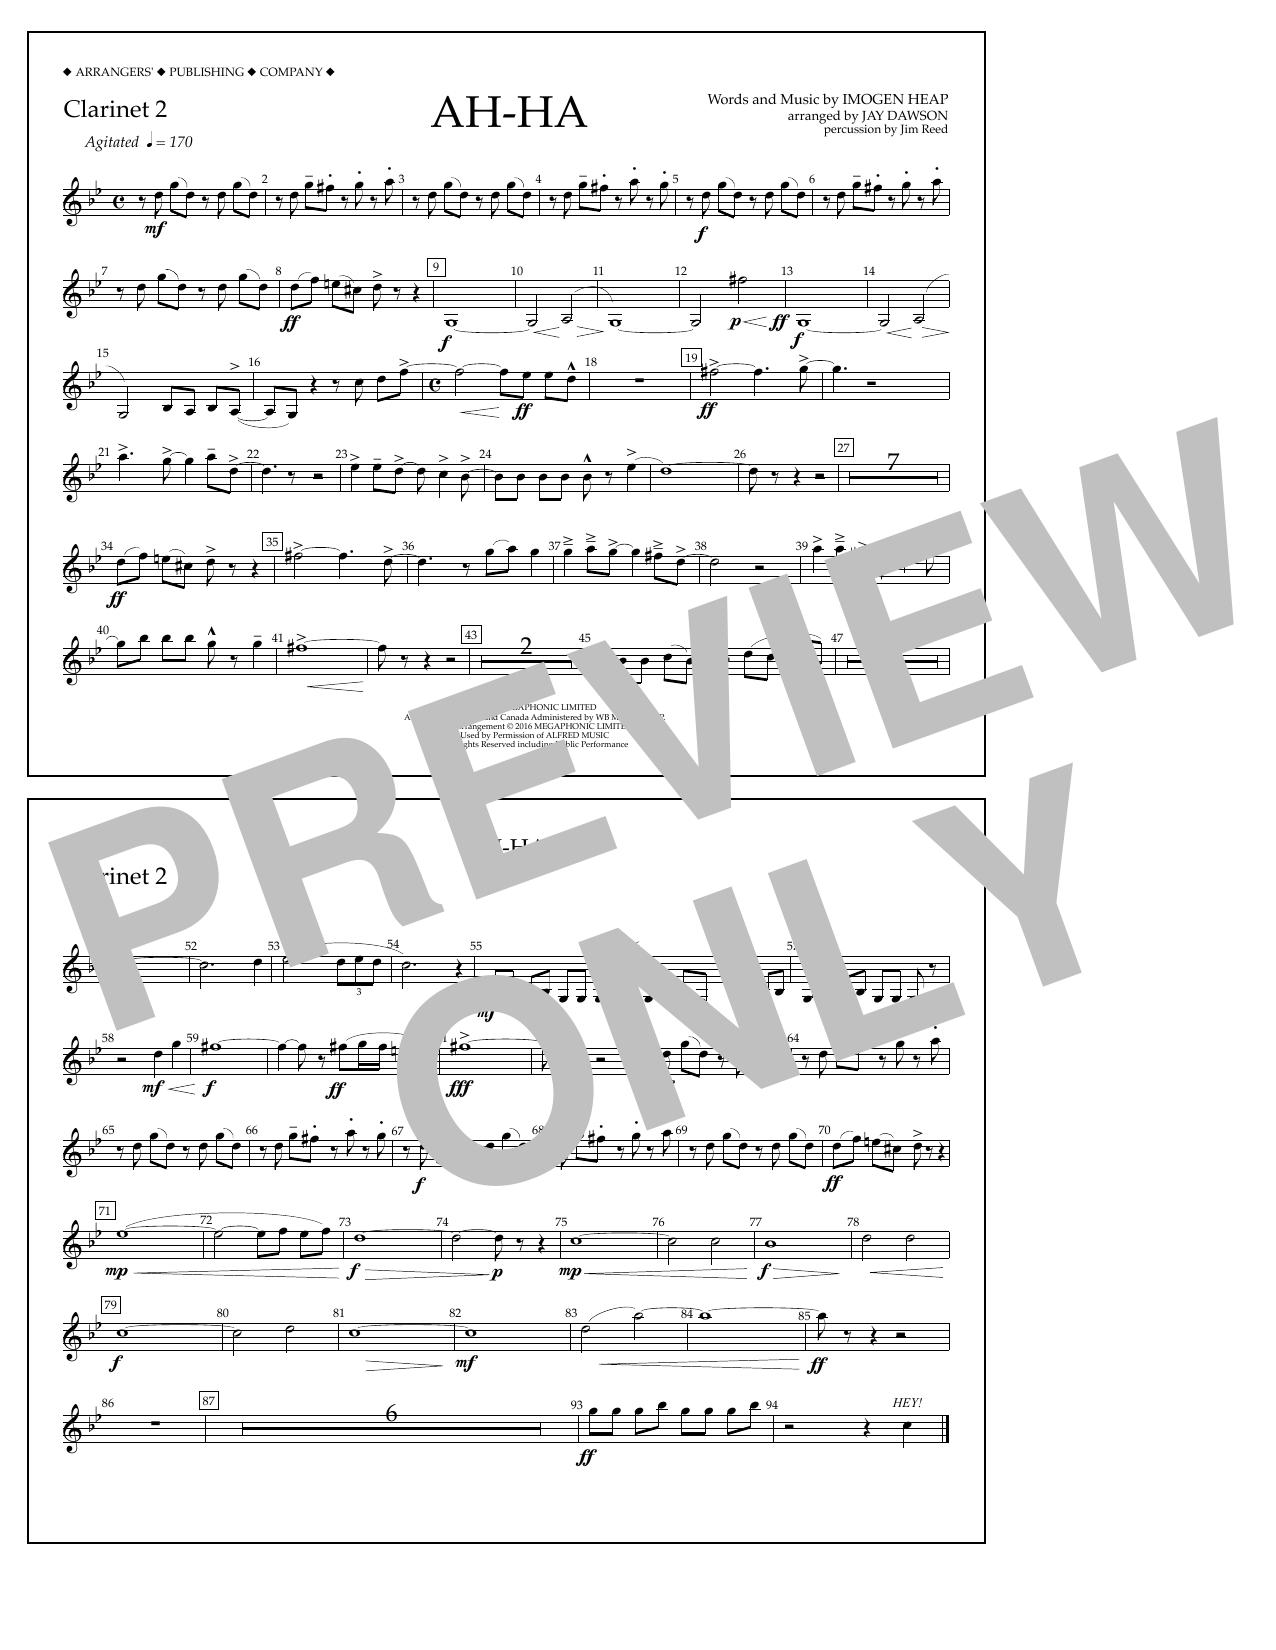 Jay Dawson Ah-ha - Clarinet 2 sheet music notes and chords. Download Printable PDF.